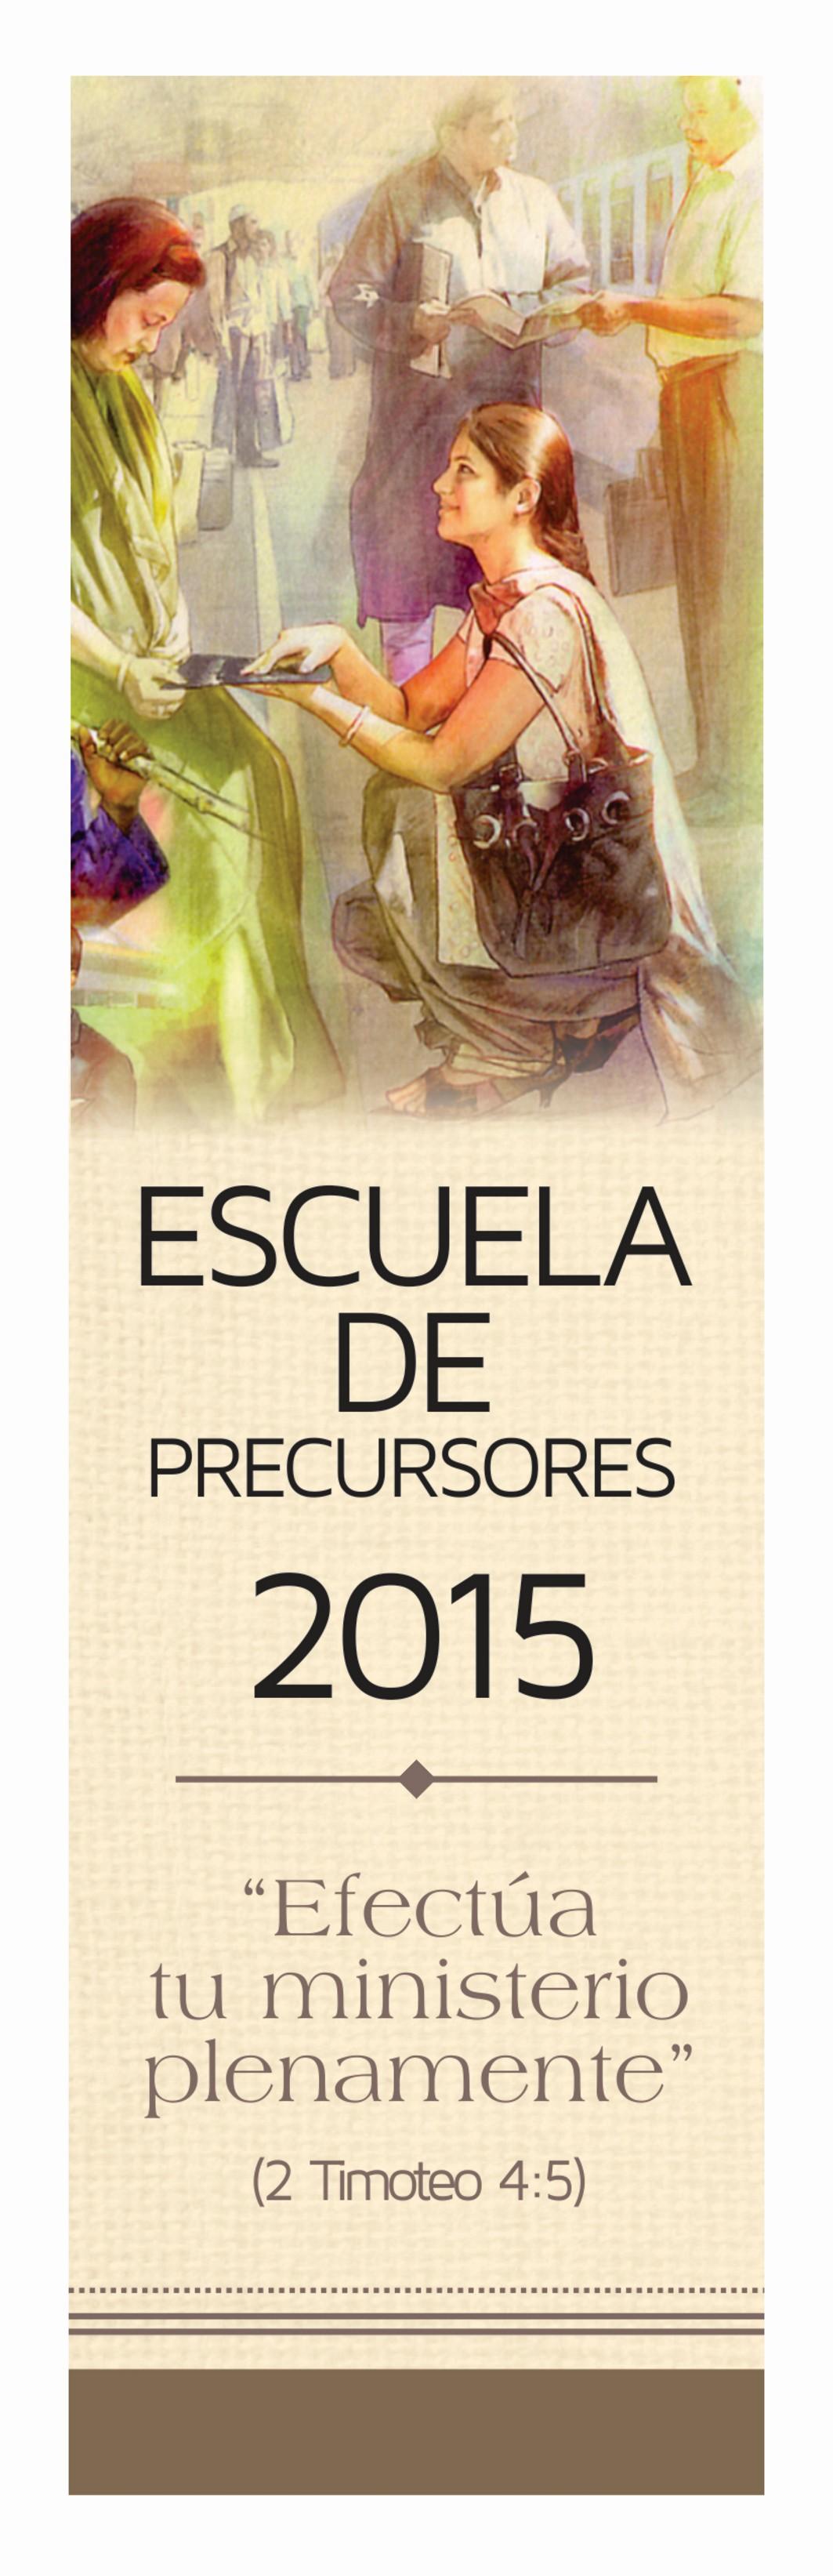 Escuela De Precursores 2015 Pioneer School Attender 2015 Pioneiro Jw Pioneiros Ideias De Presente